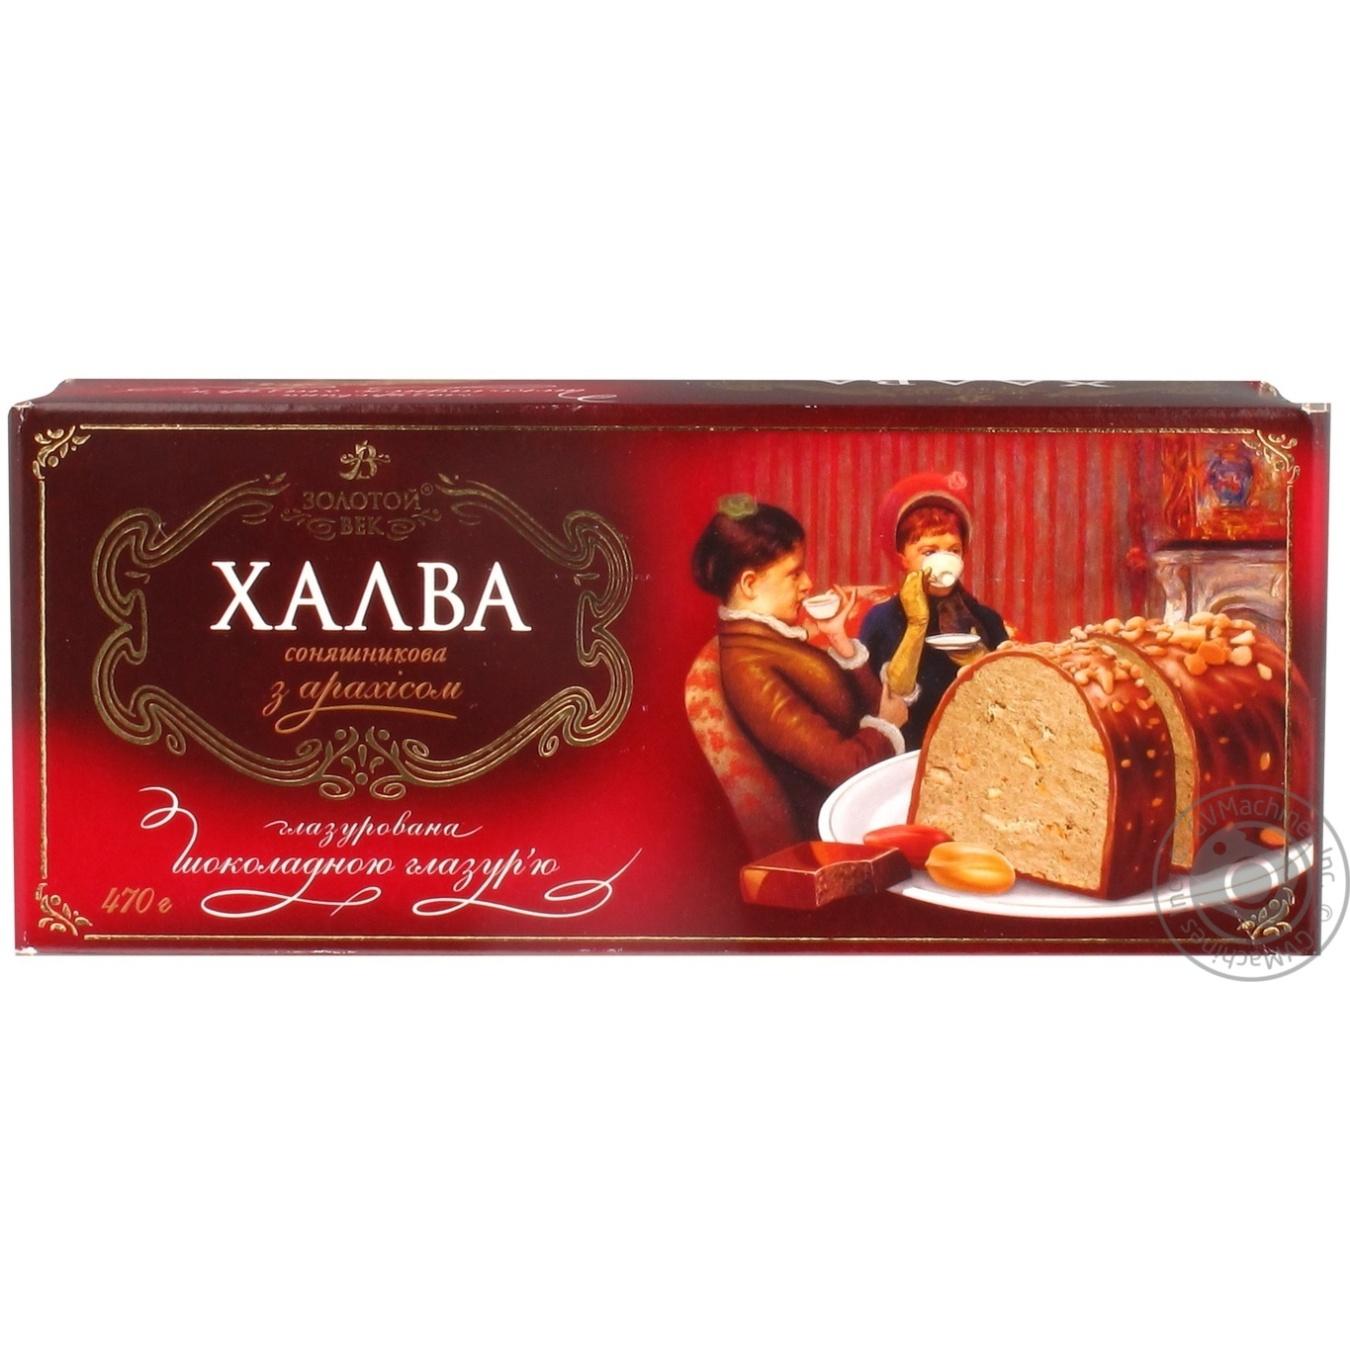 Халва Золотий Вік соняш з арахісом шоколадною глазур ю 470г ... 7b770b9dca967